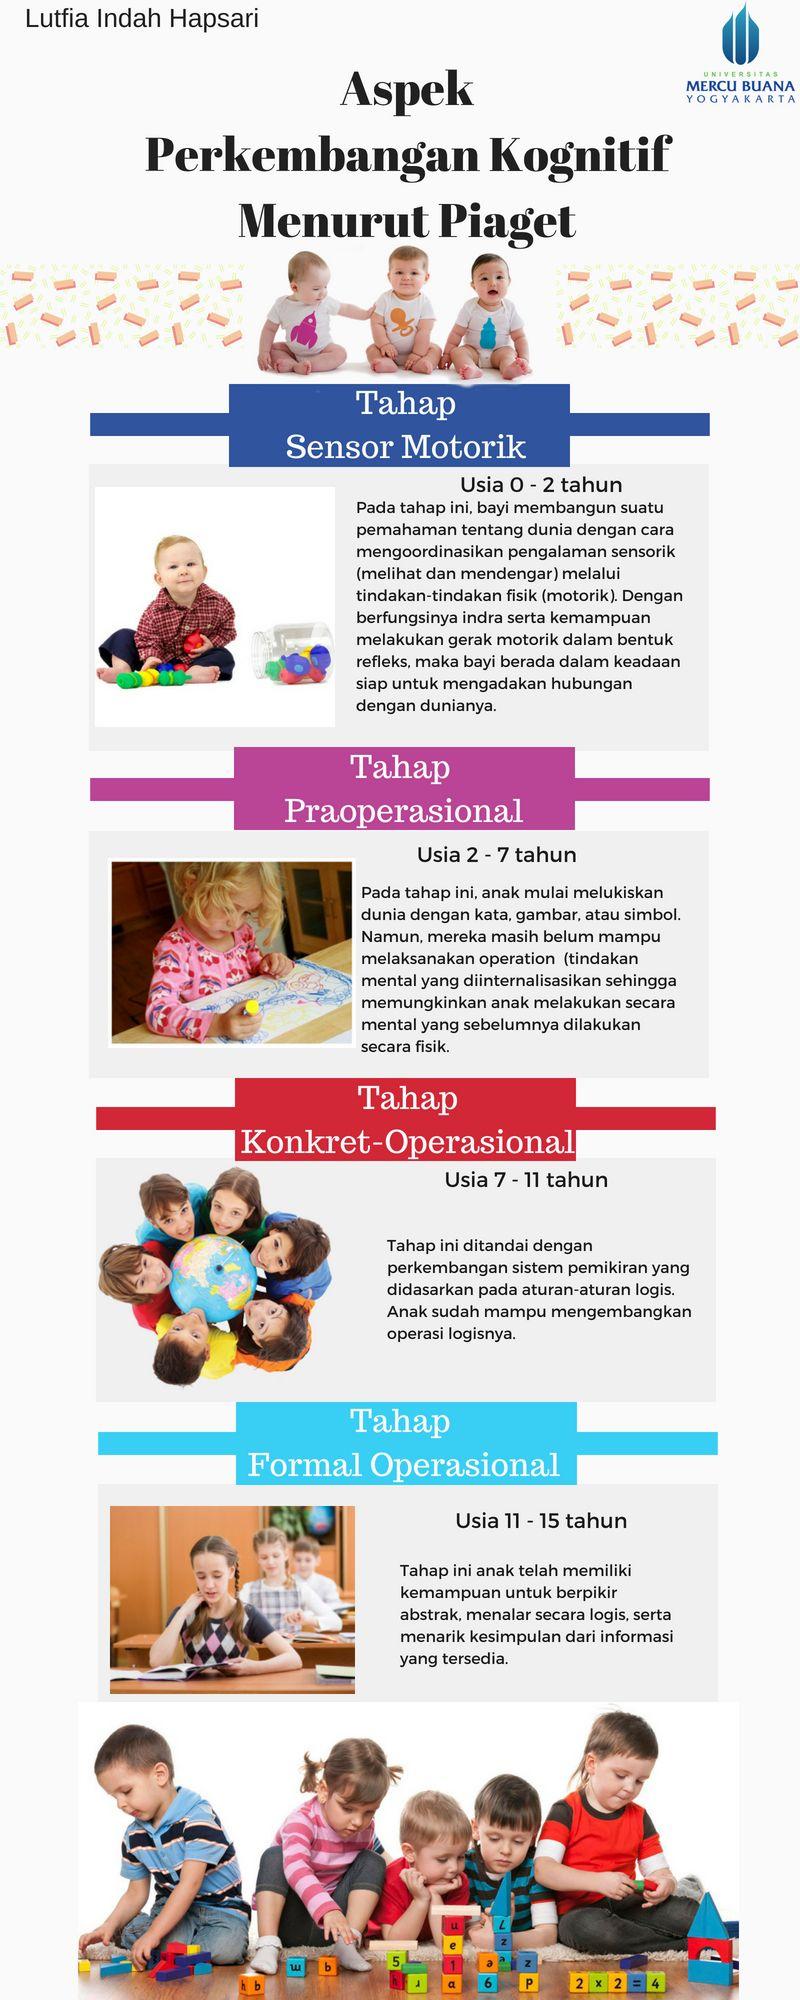 Perkembangan Kognitif Menurut Piaget Psikologi Perkembangan Psikologi Pendidikan